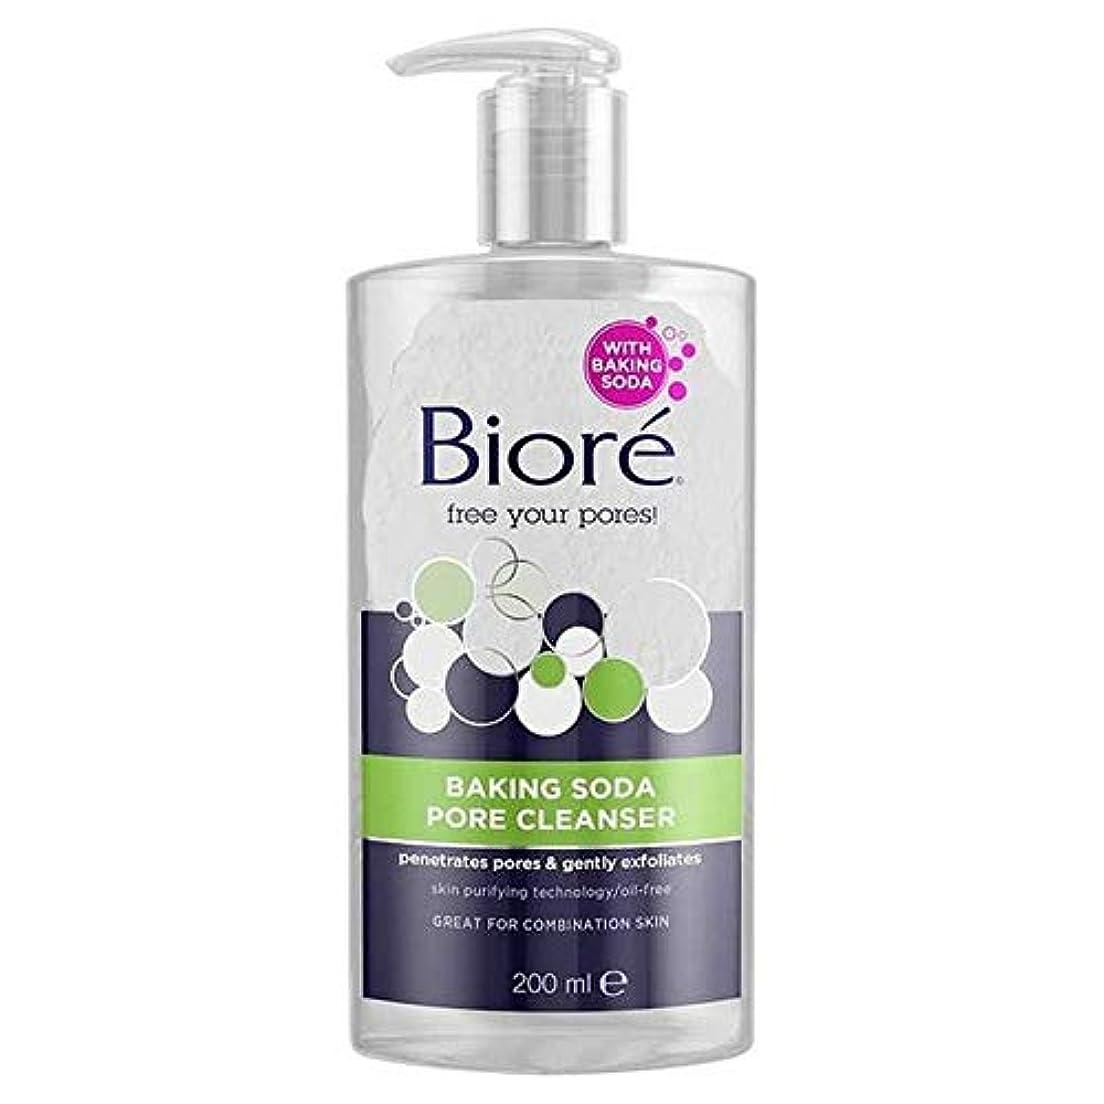 いろいろ枕にぎやか[Biore ] ビオレベーキングソーダポアクレンザーの200ミリリットル - Biore Baking Soda Pore Cleanser 200ml [並行輸入品]